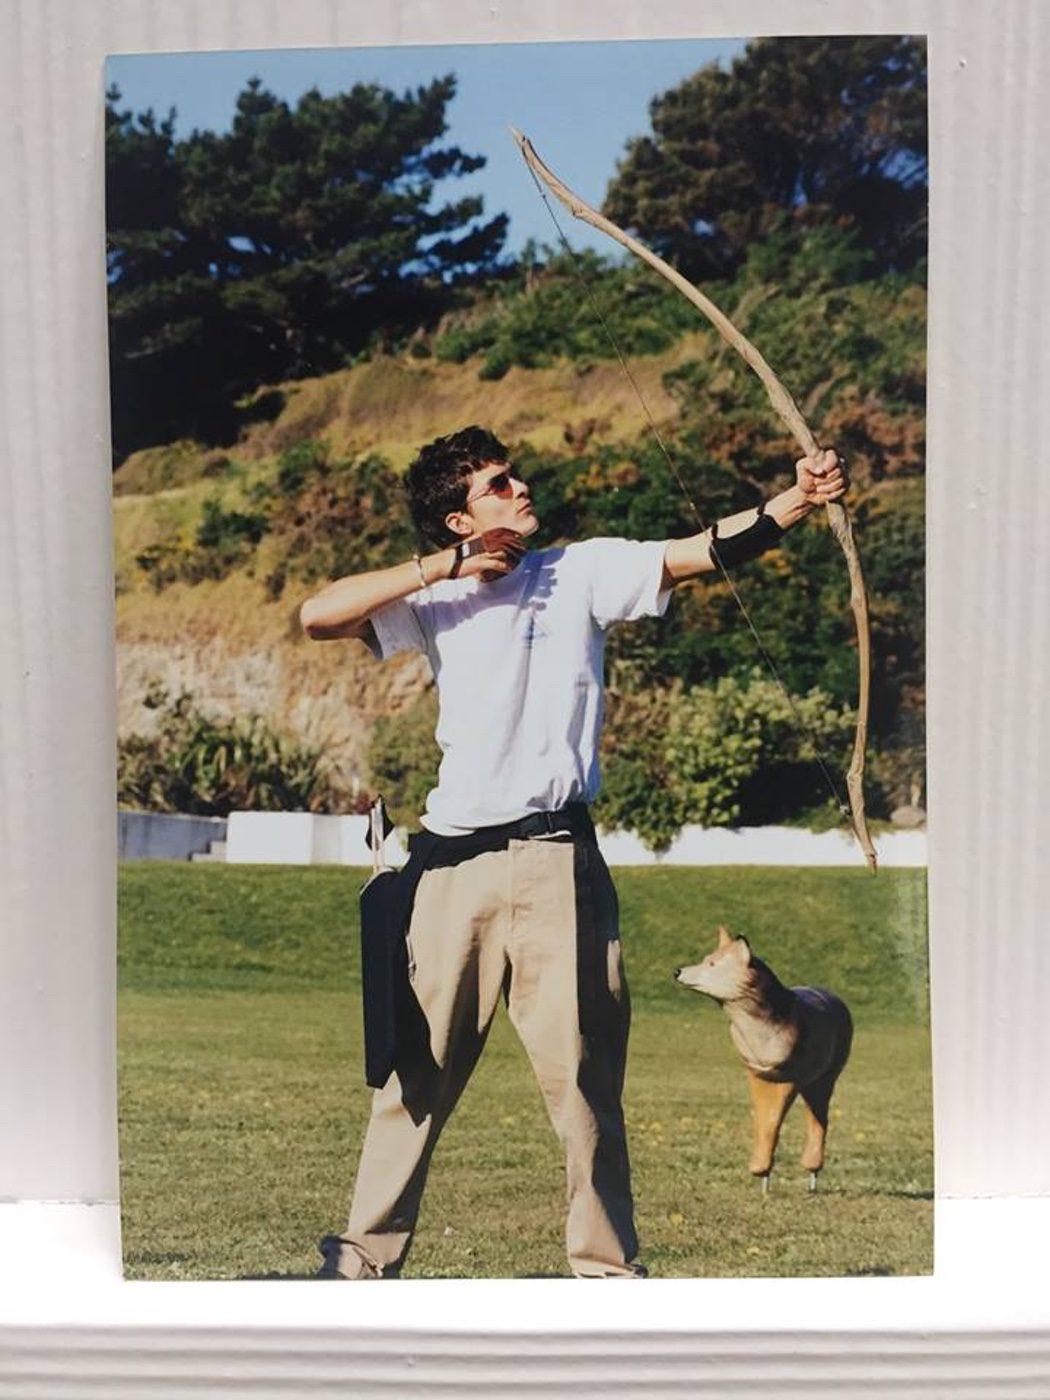 Orlando Bloom practica con el arco